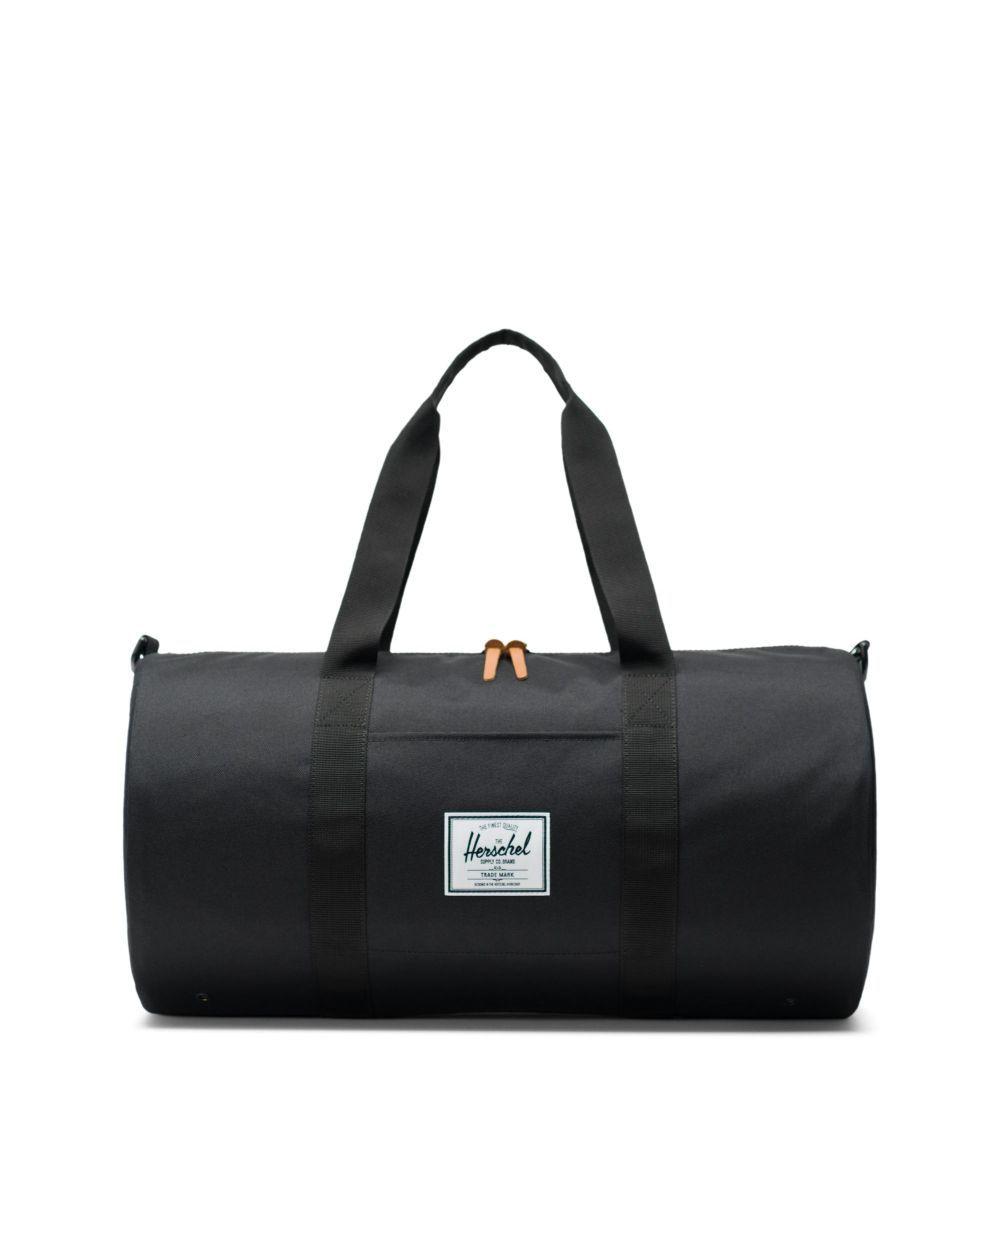 569fd4a6a Sutton Duffle   Mid-Volume   My Fashion & Style   Bags, Fashion ...